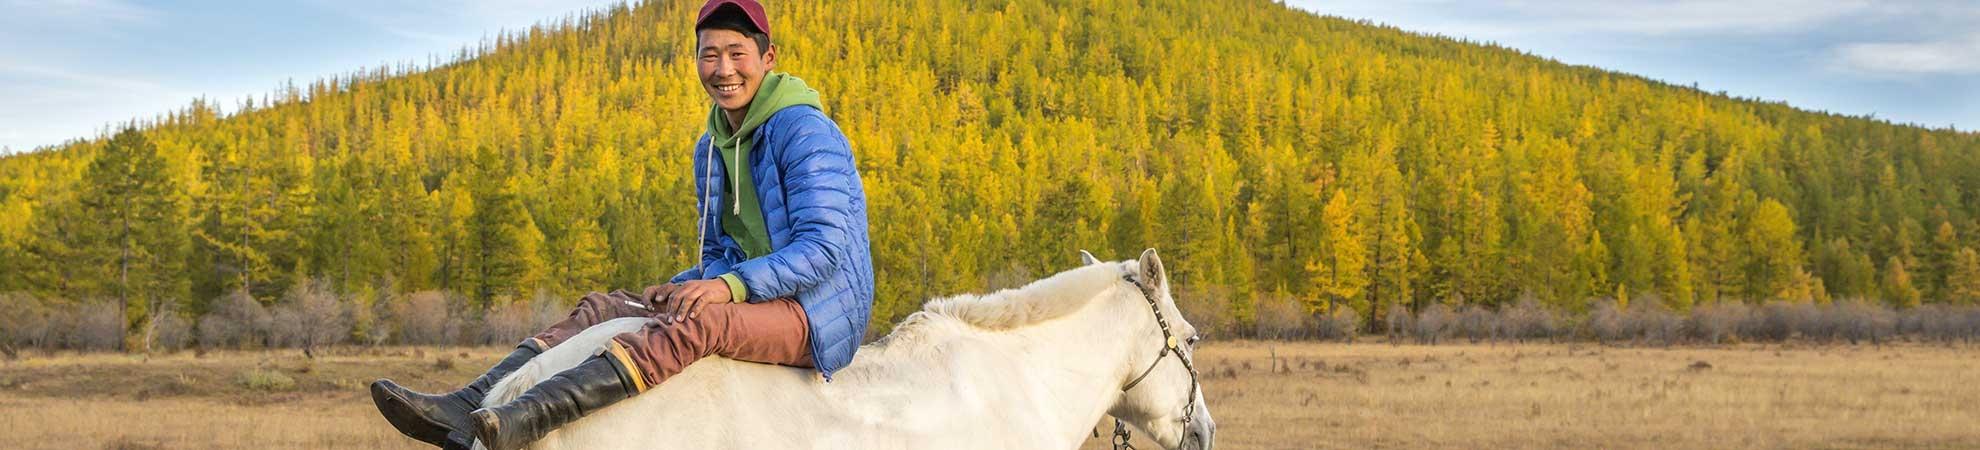 Activités insolites en Mongolie